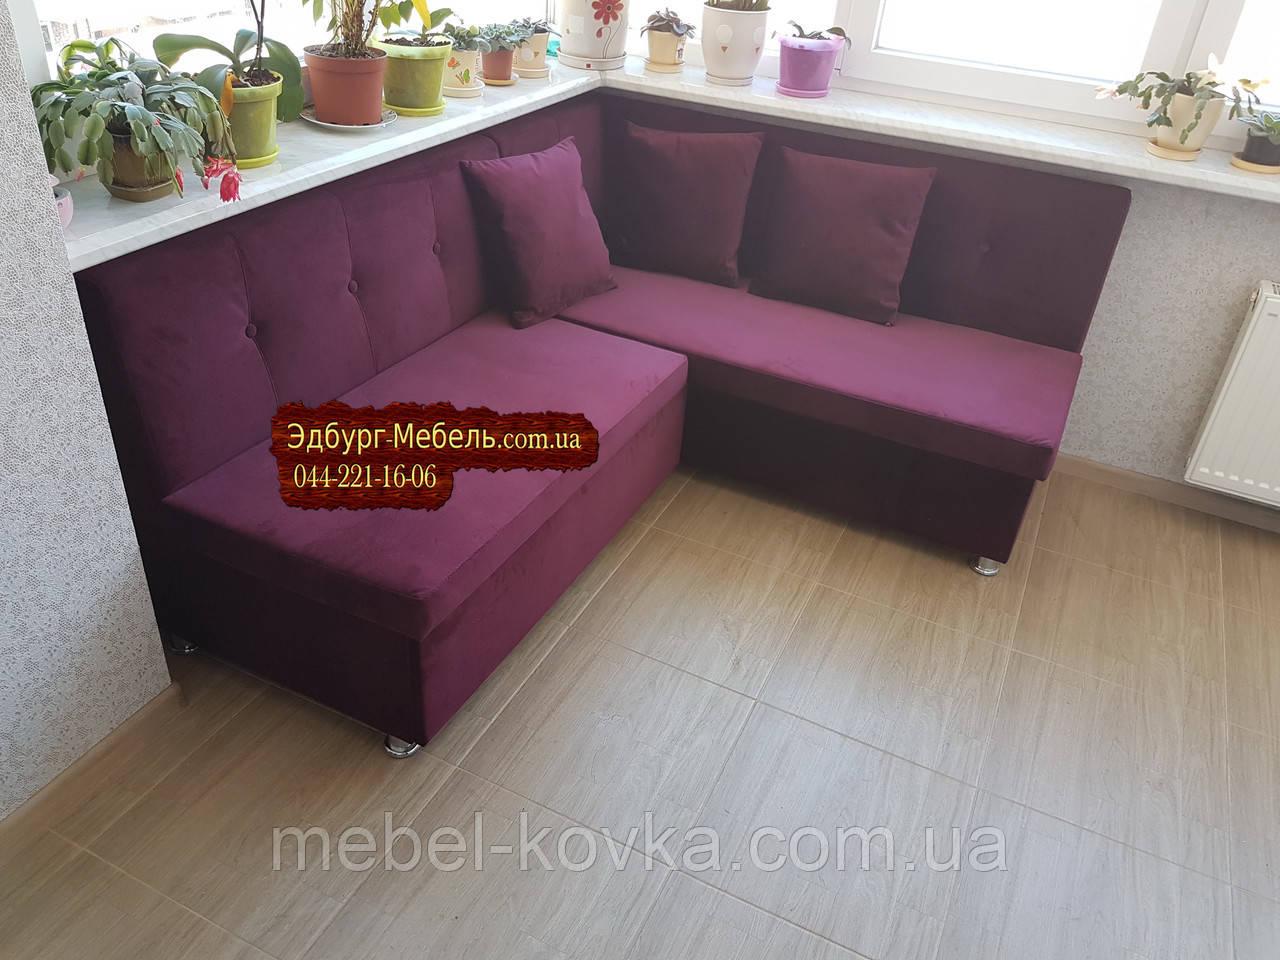 Кухонный уголок со спальным местом. 3 категория велюр